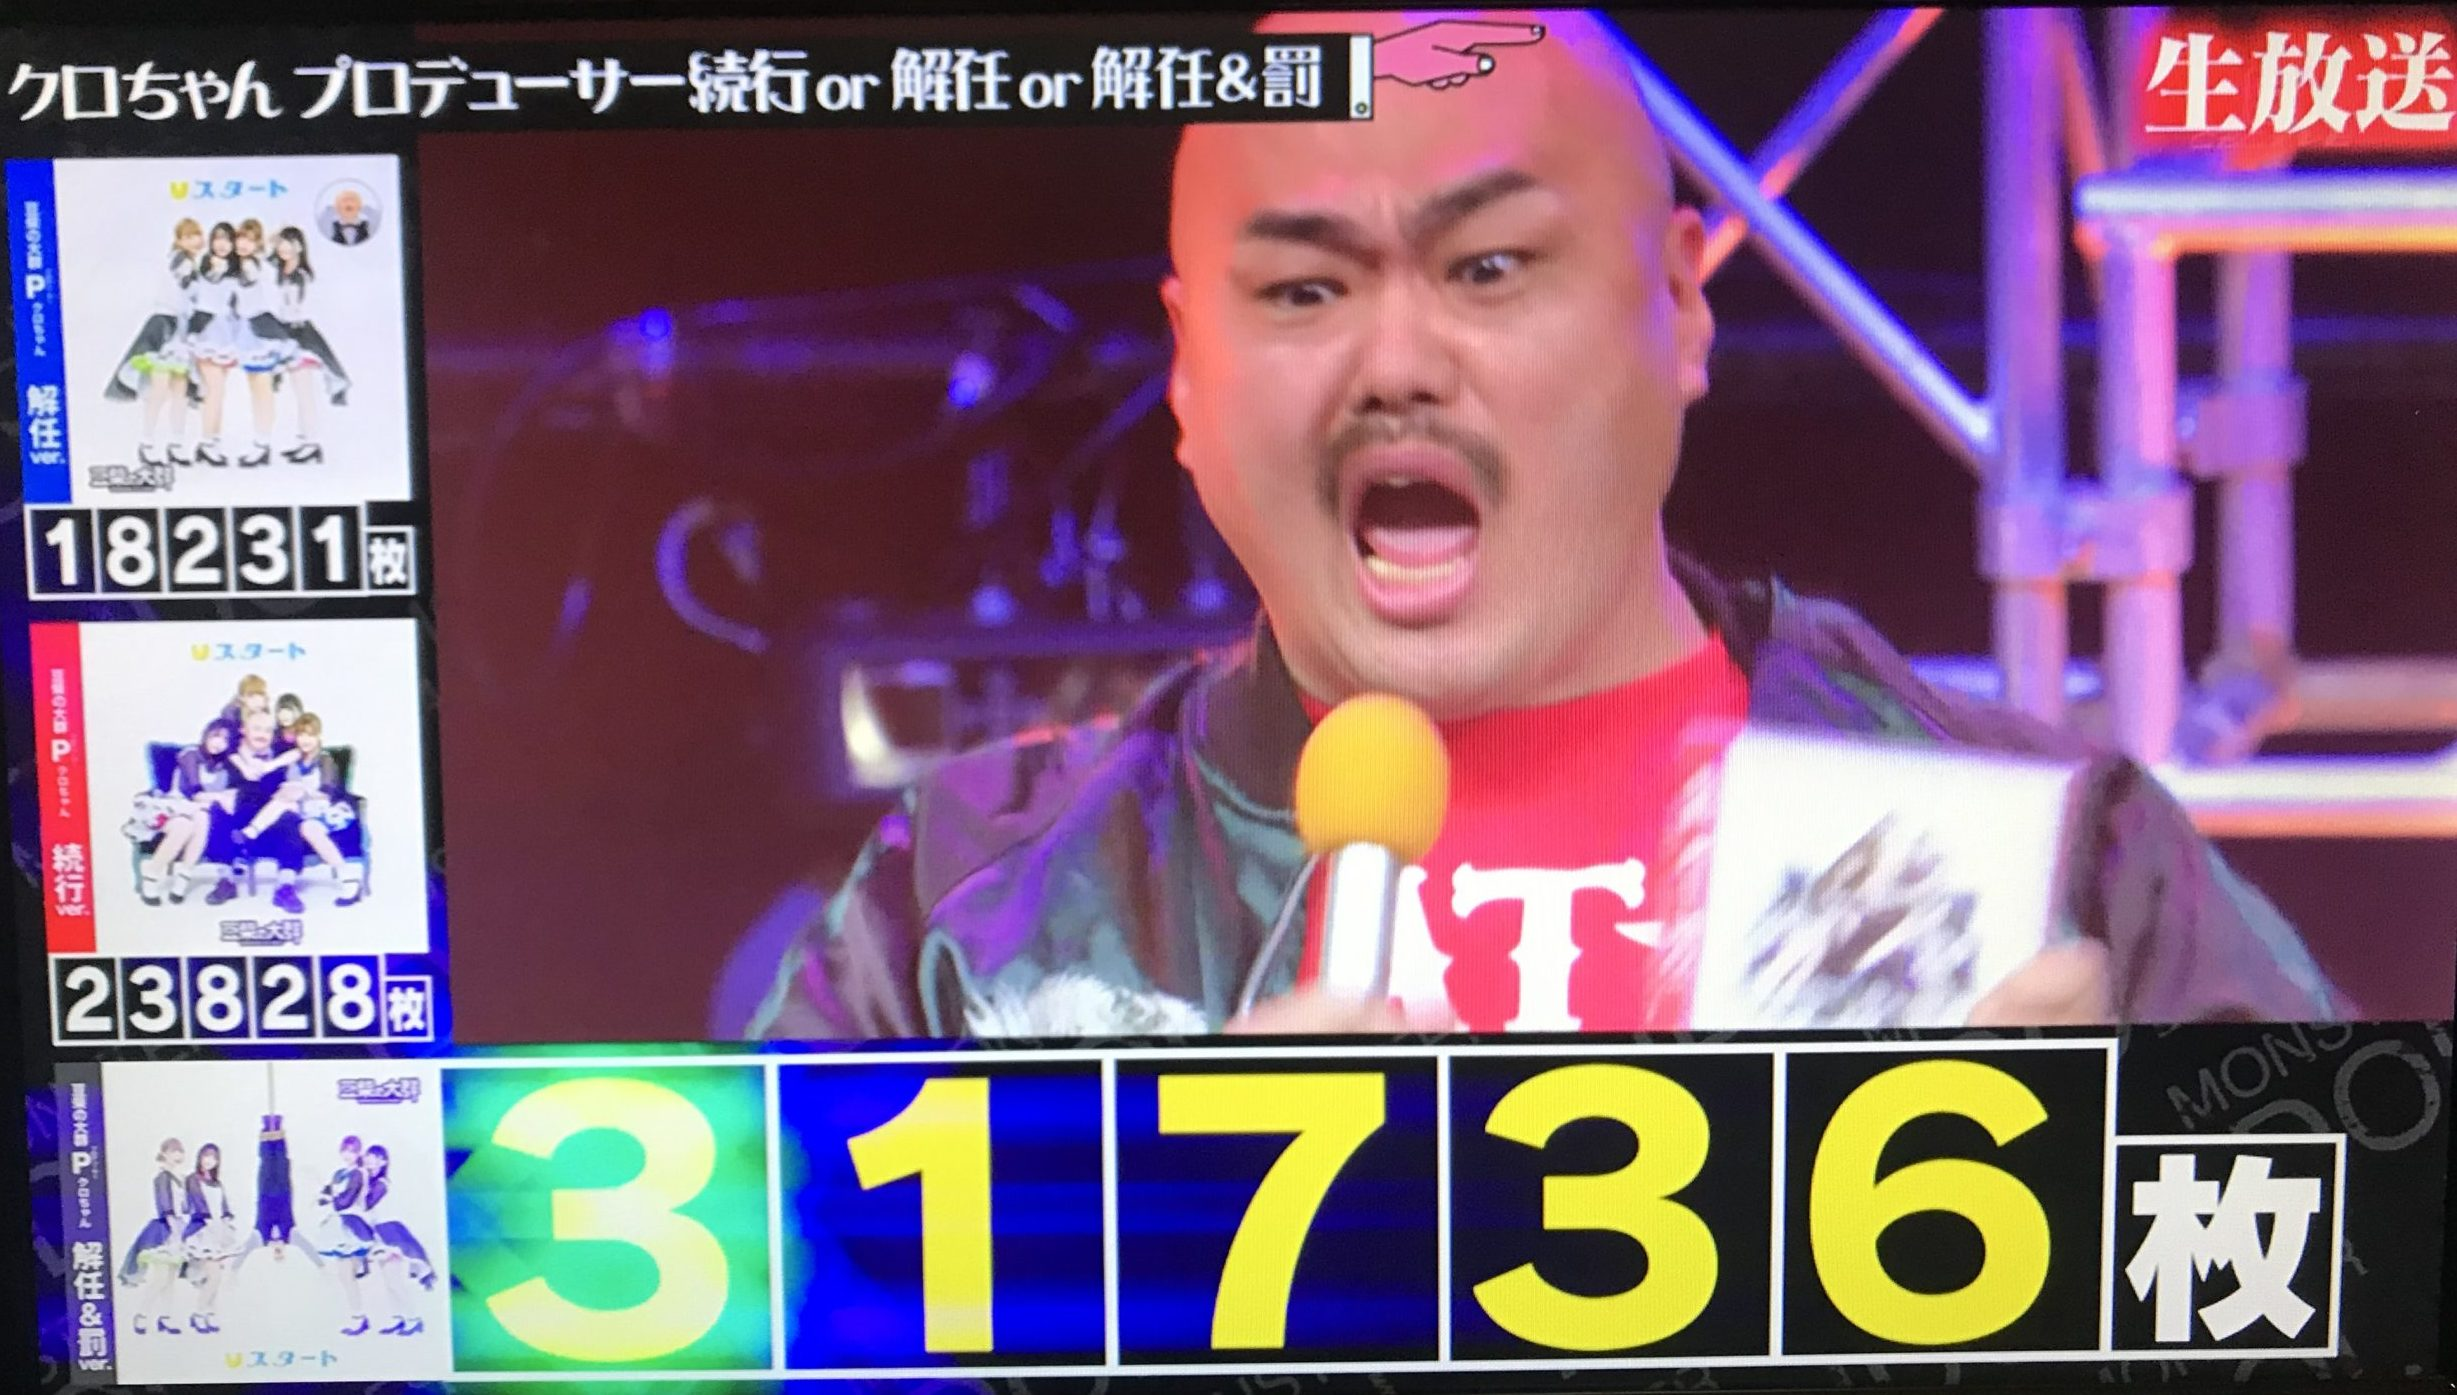 豆柴の大群CD『りスタート』売上結果発表